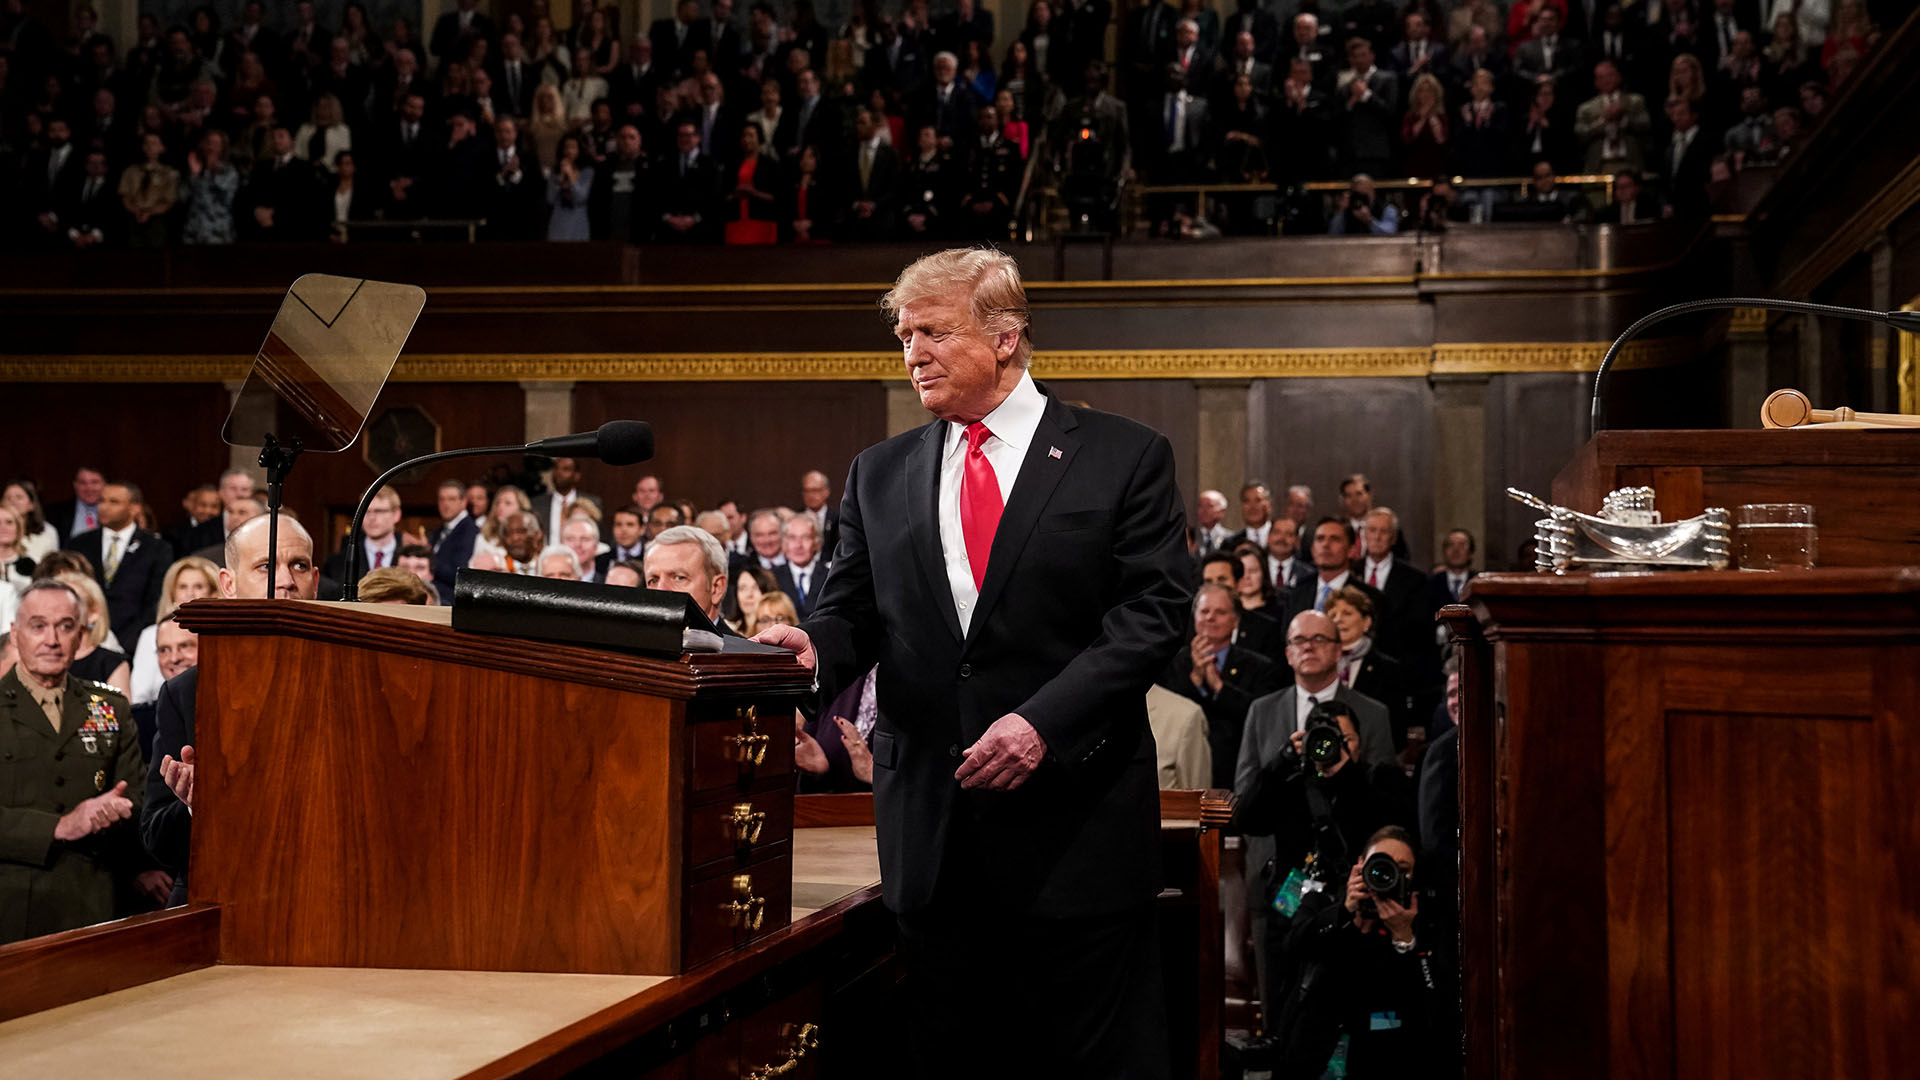 Donald Trump. (Doug Mills/Pool via REUTERS)